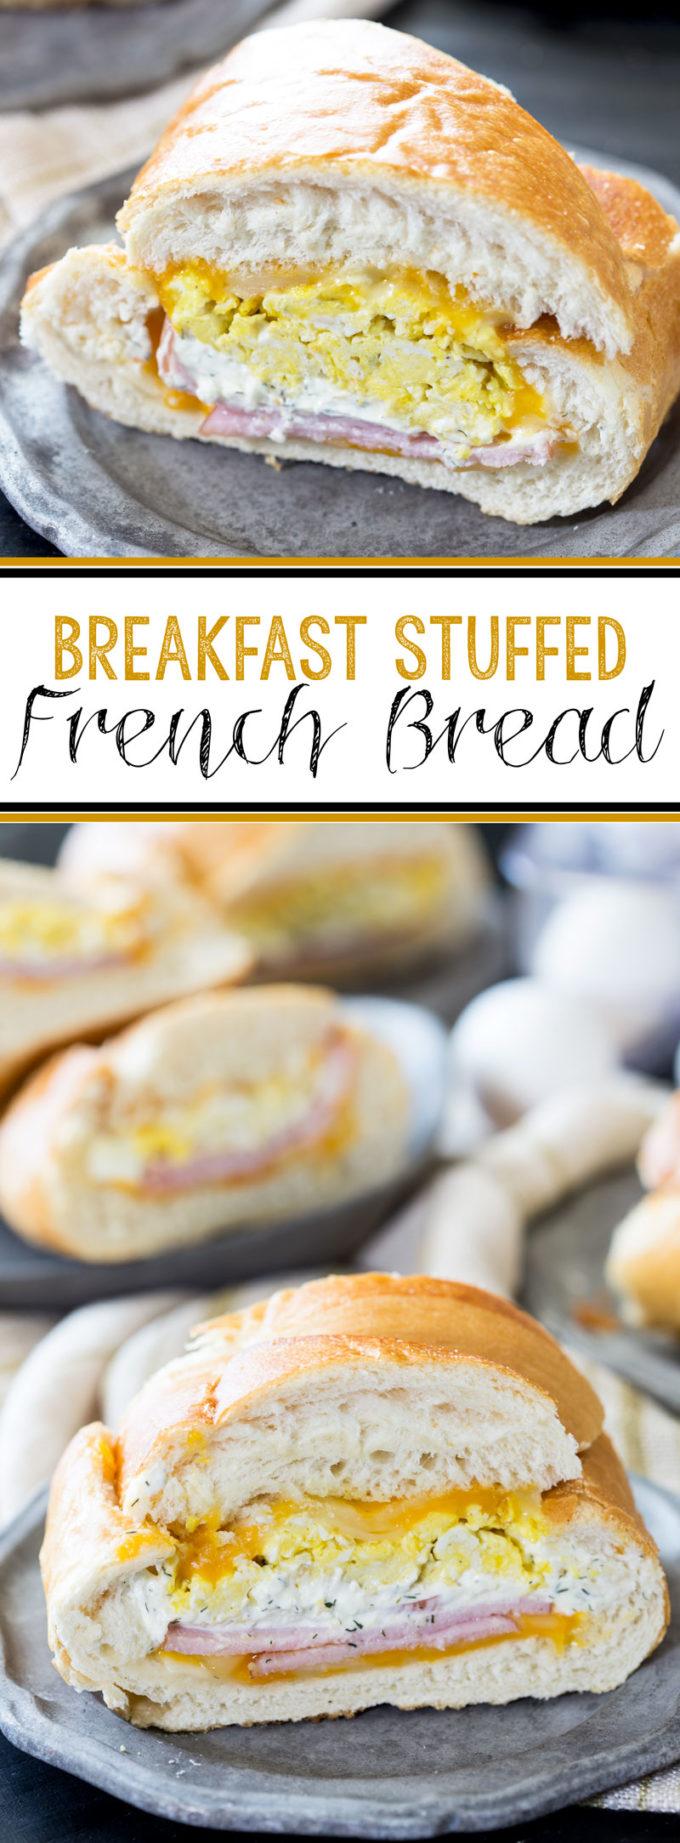 Breakfast stuffed french bread